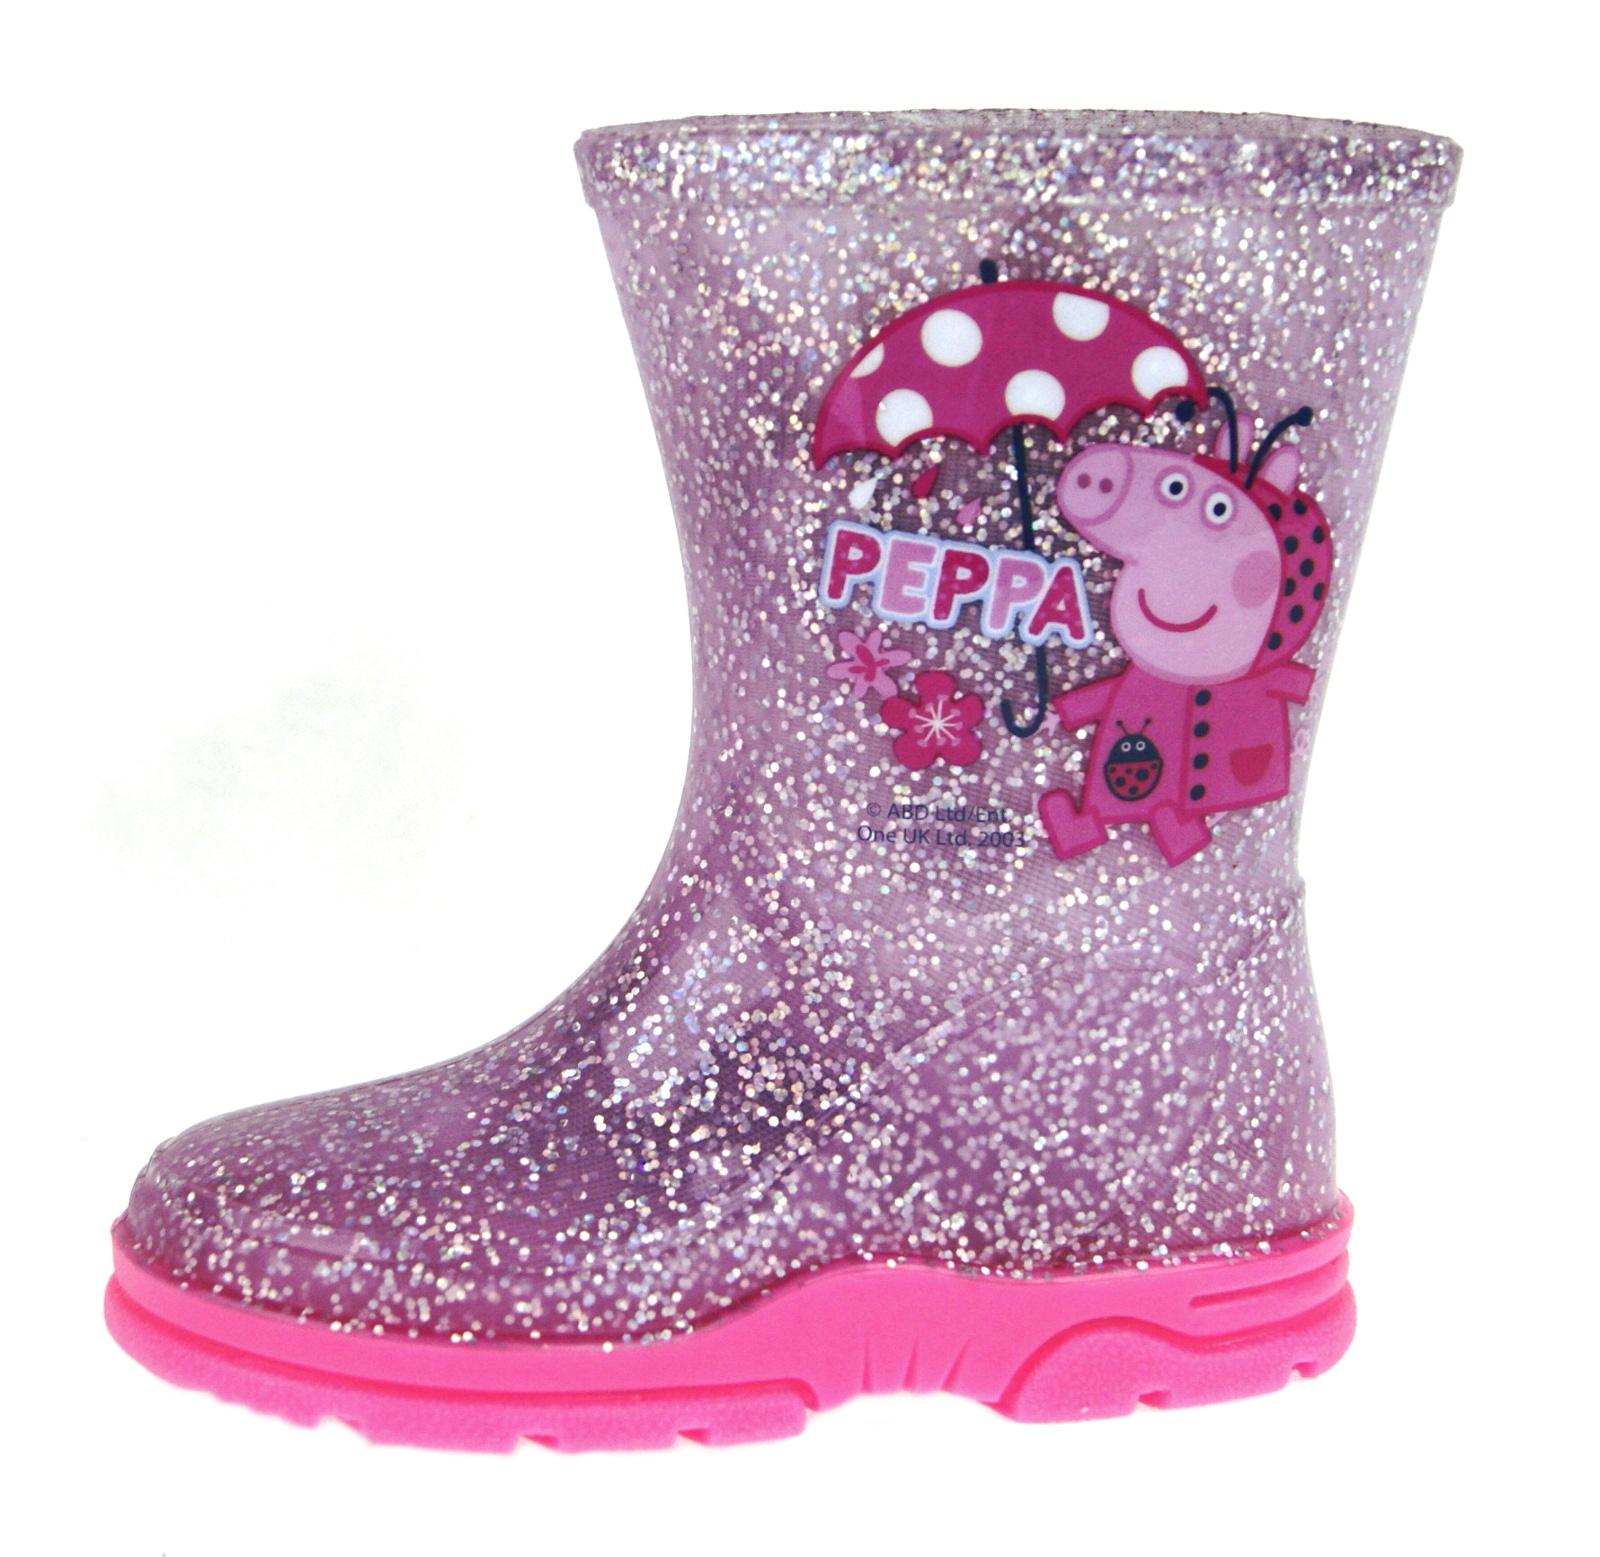 Girls-Peppa-Pig-Wellington-Boots-Mid-Calf-Gitter-Snow-Rain-Wellies-Kids-Size Indexbild 19